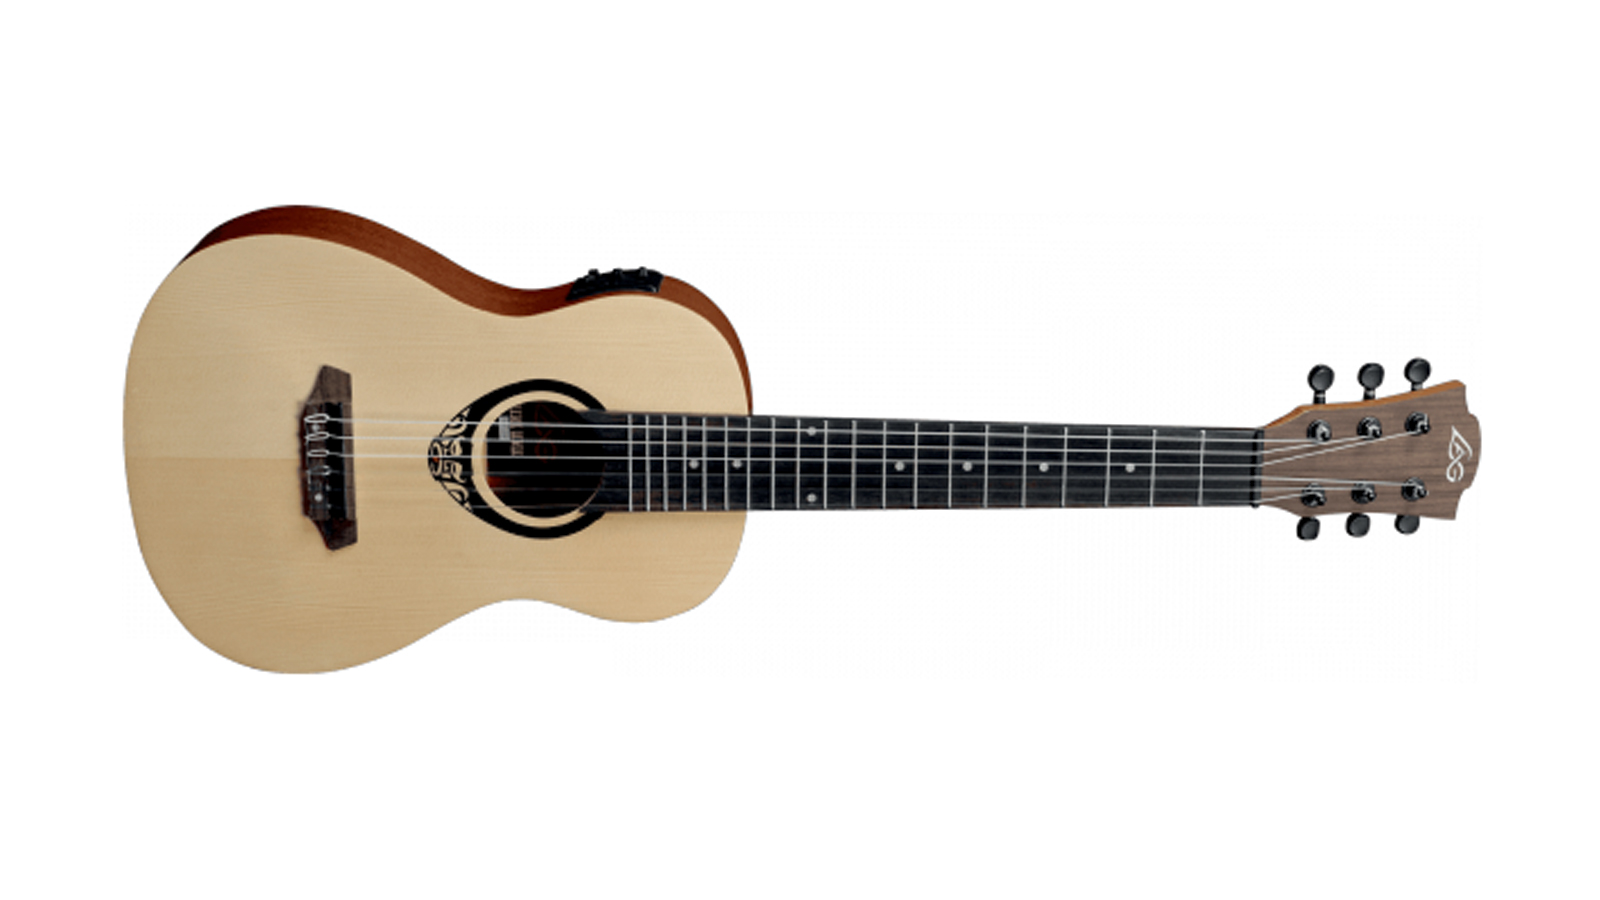 LAG LGTKMG150E2 Minigitarre